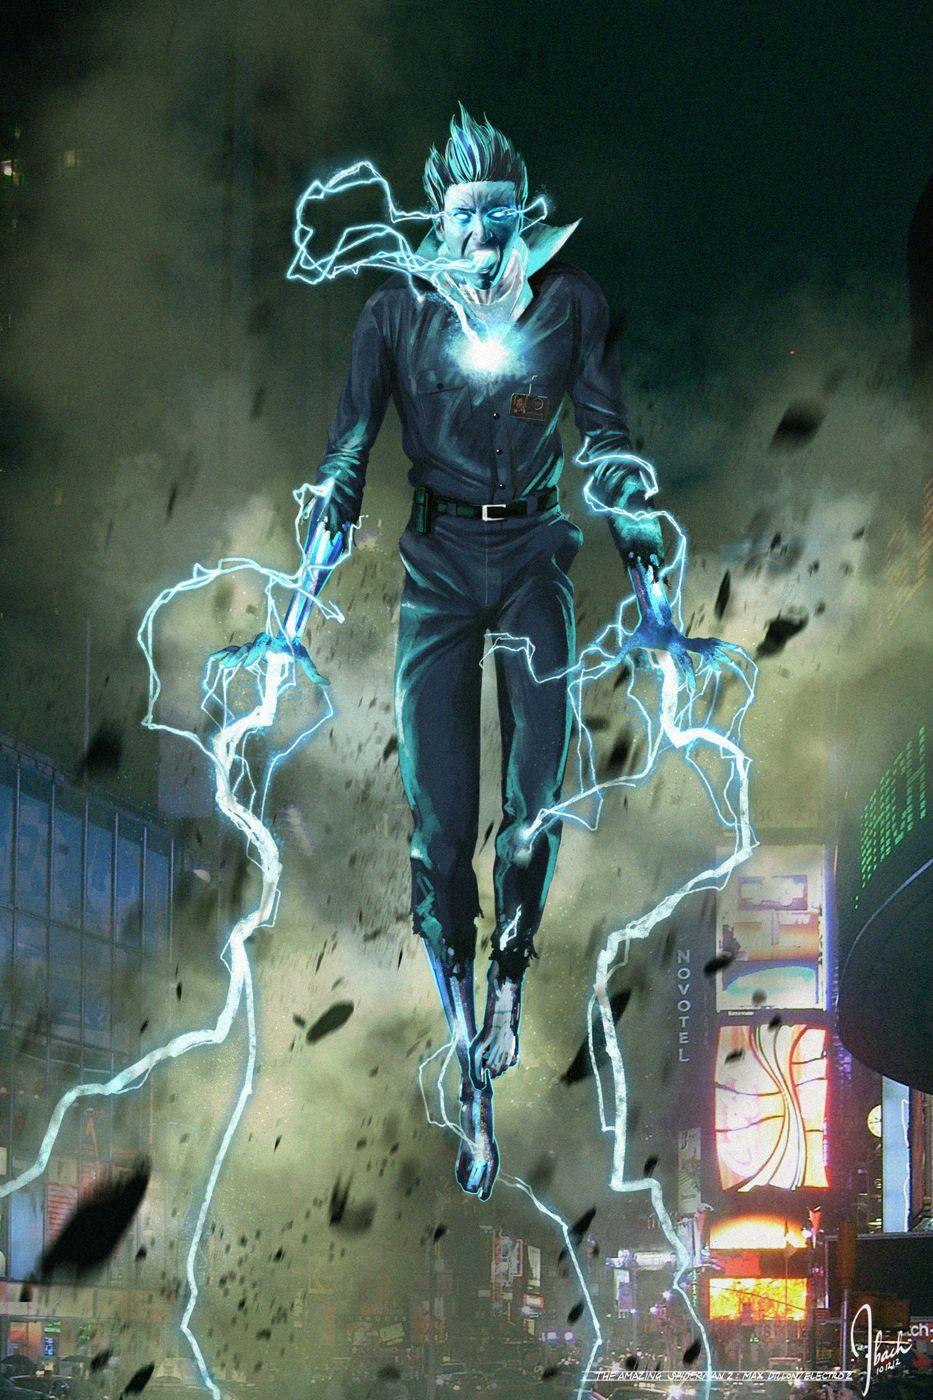 C4ge5dF Amazing Spider Man 2 Electro Concept Art